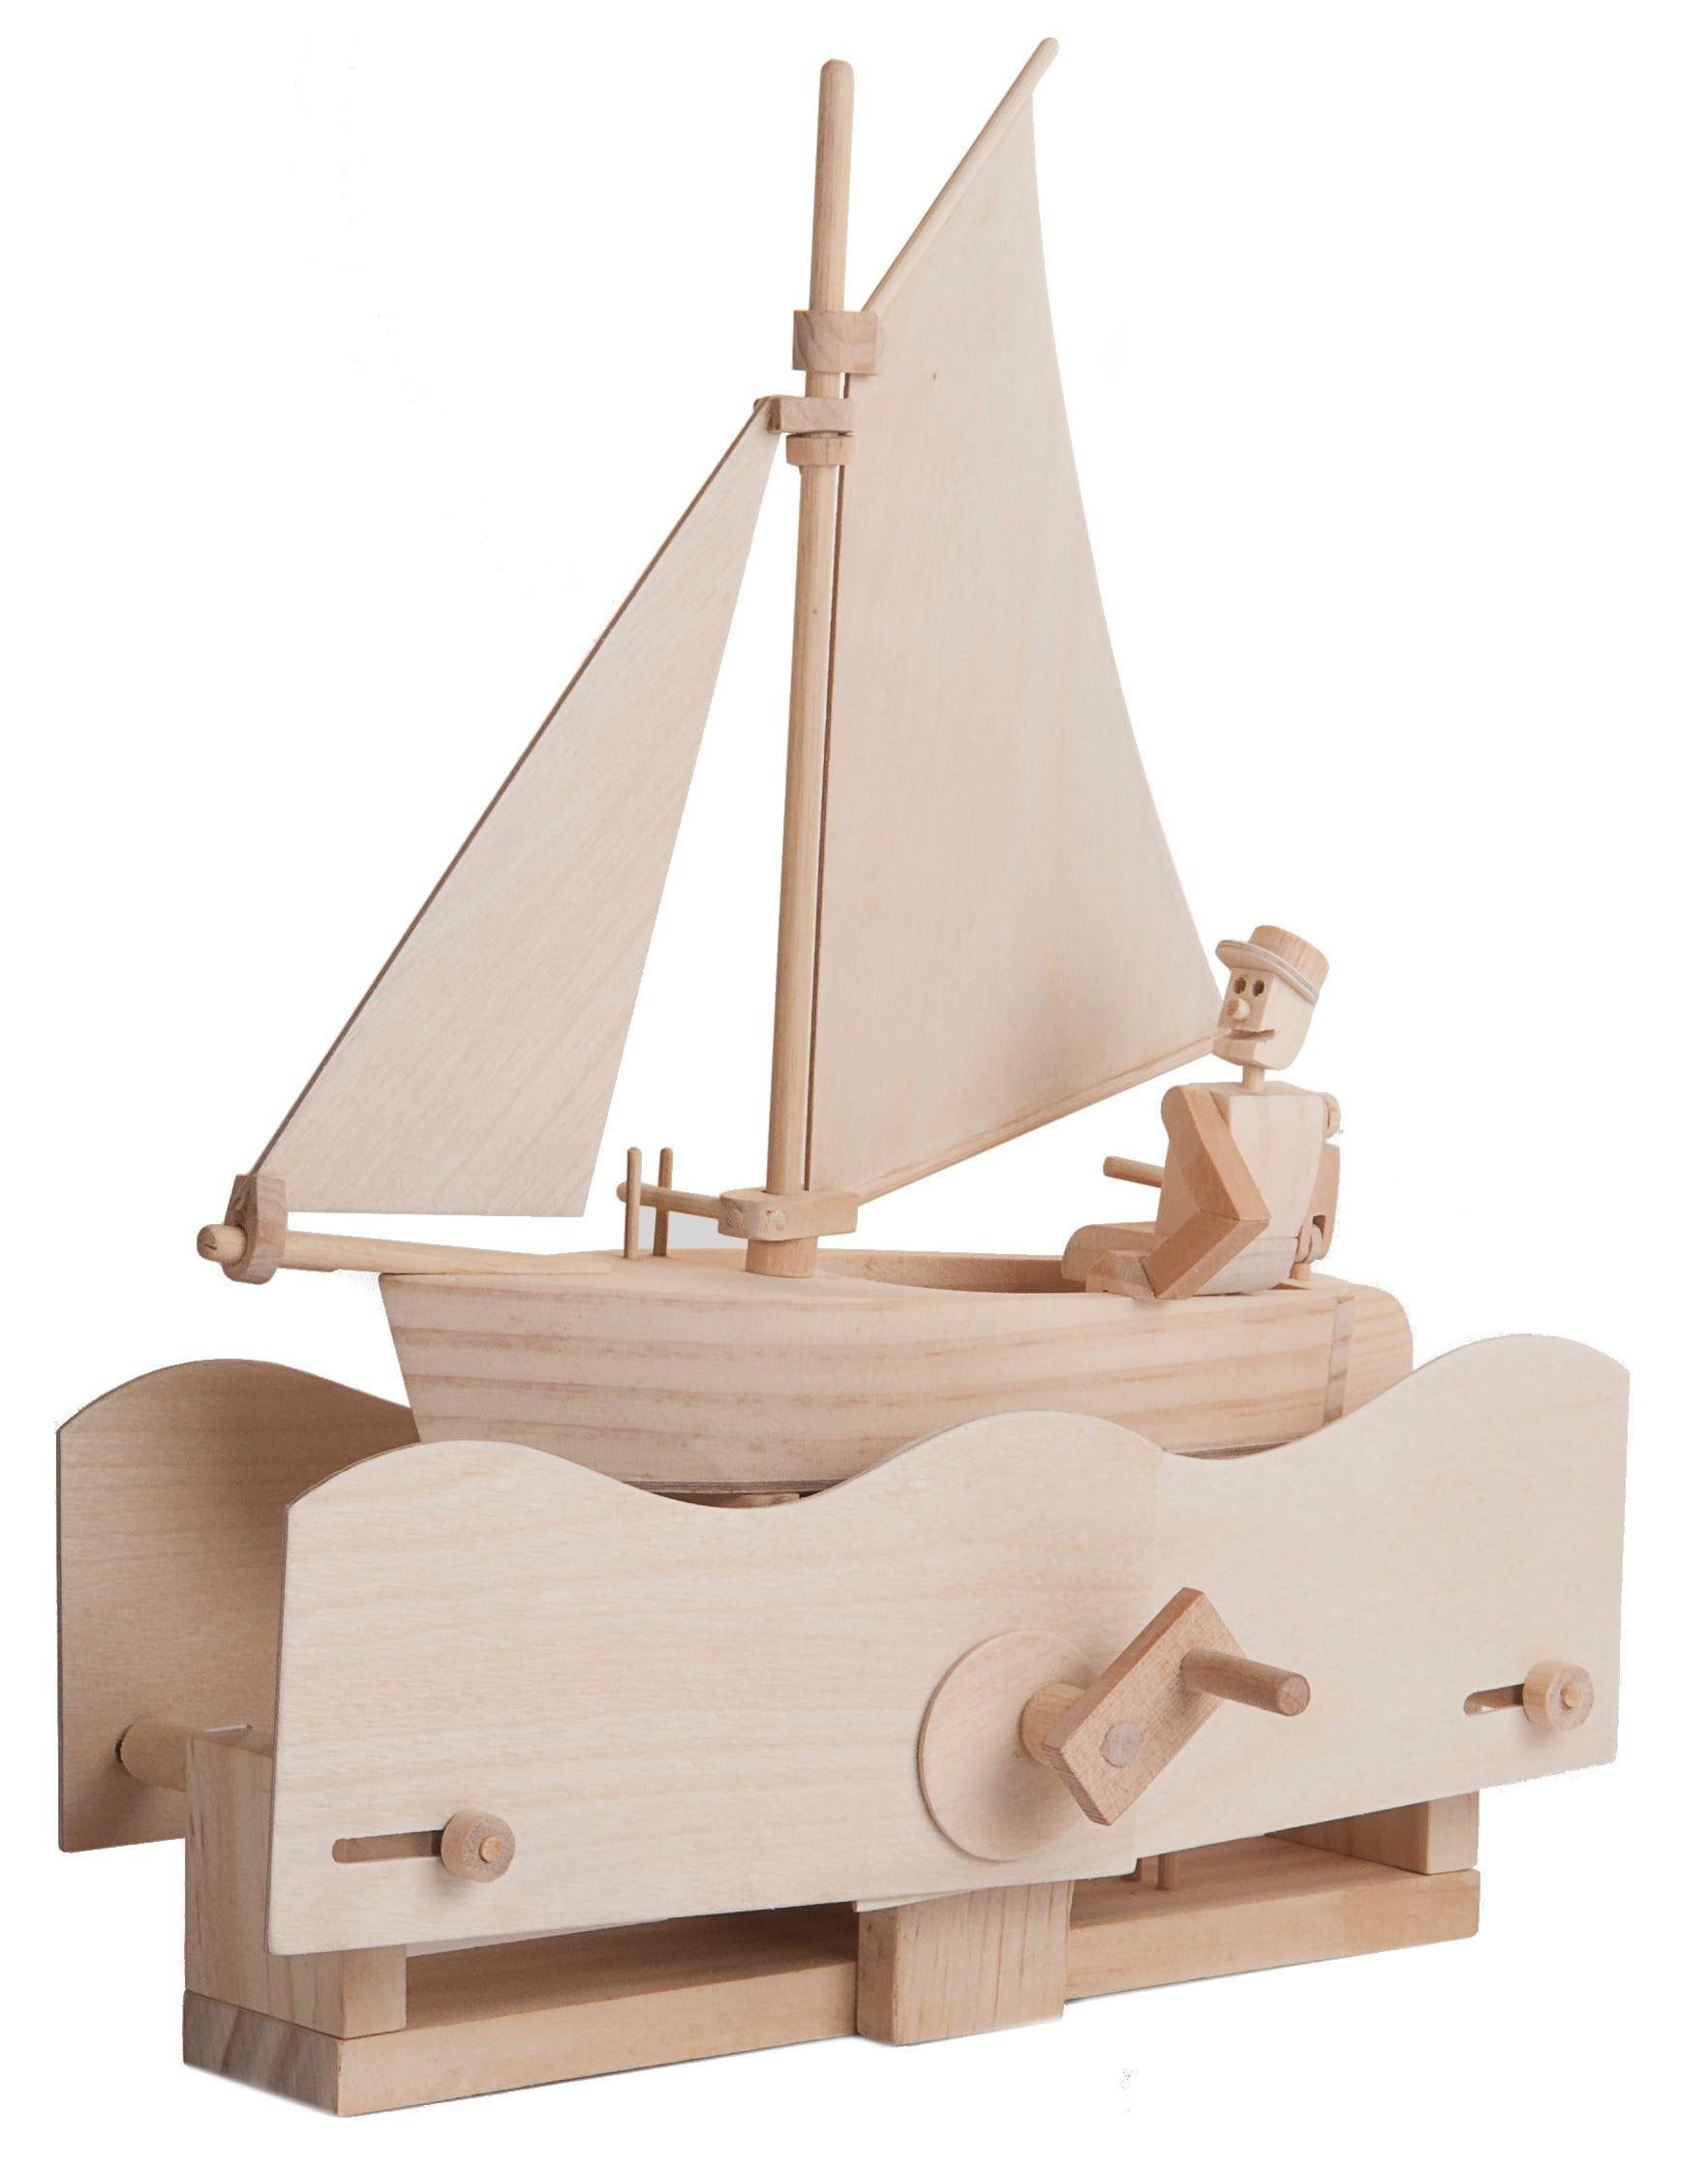 Timberkits Salty Sailor Wooden Model Kit